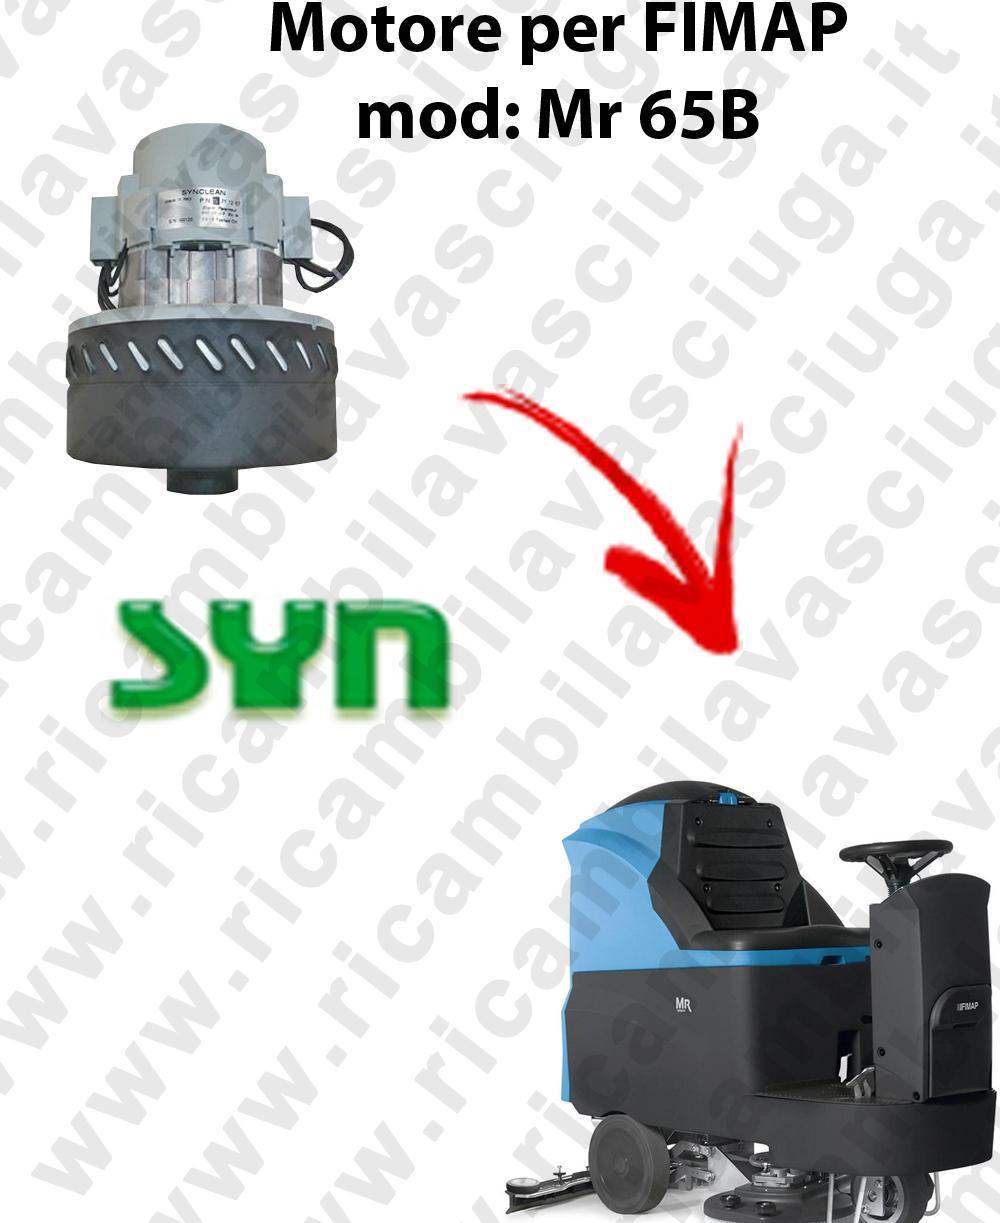 Mr 65 B MOTEUR ASPIRATION SYN pour autolaveuses Fimap